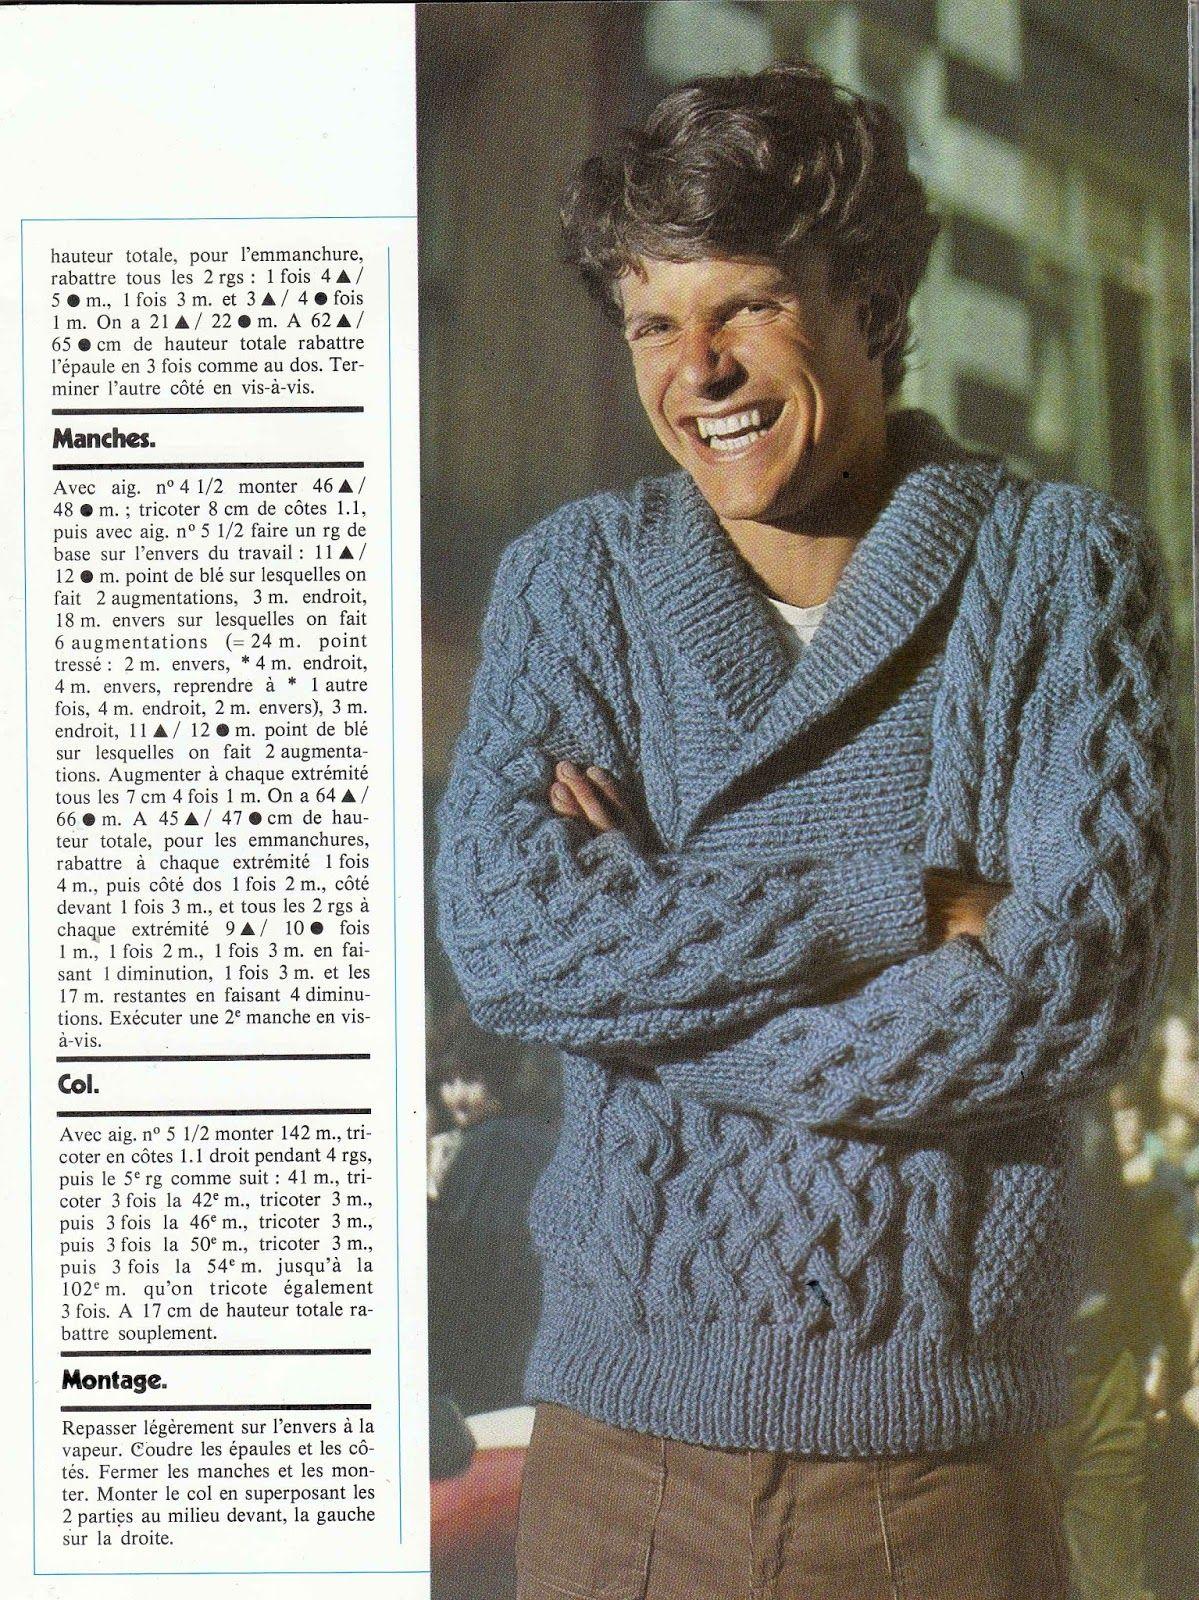 la banque de partage des patrons gratuits des ann es 70 couture tricot loisirs cr atifs. Black Bedroom Furniture Sets. Home Design Ideas